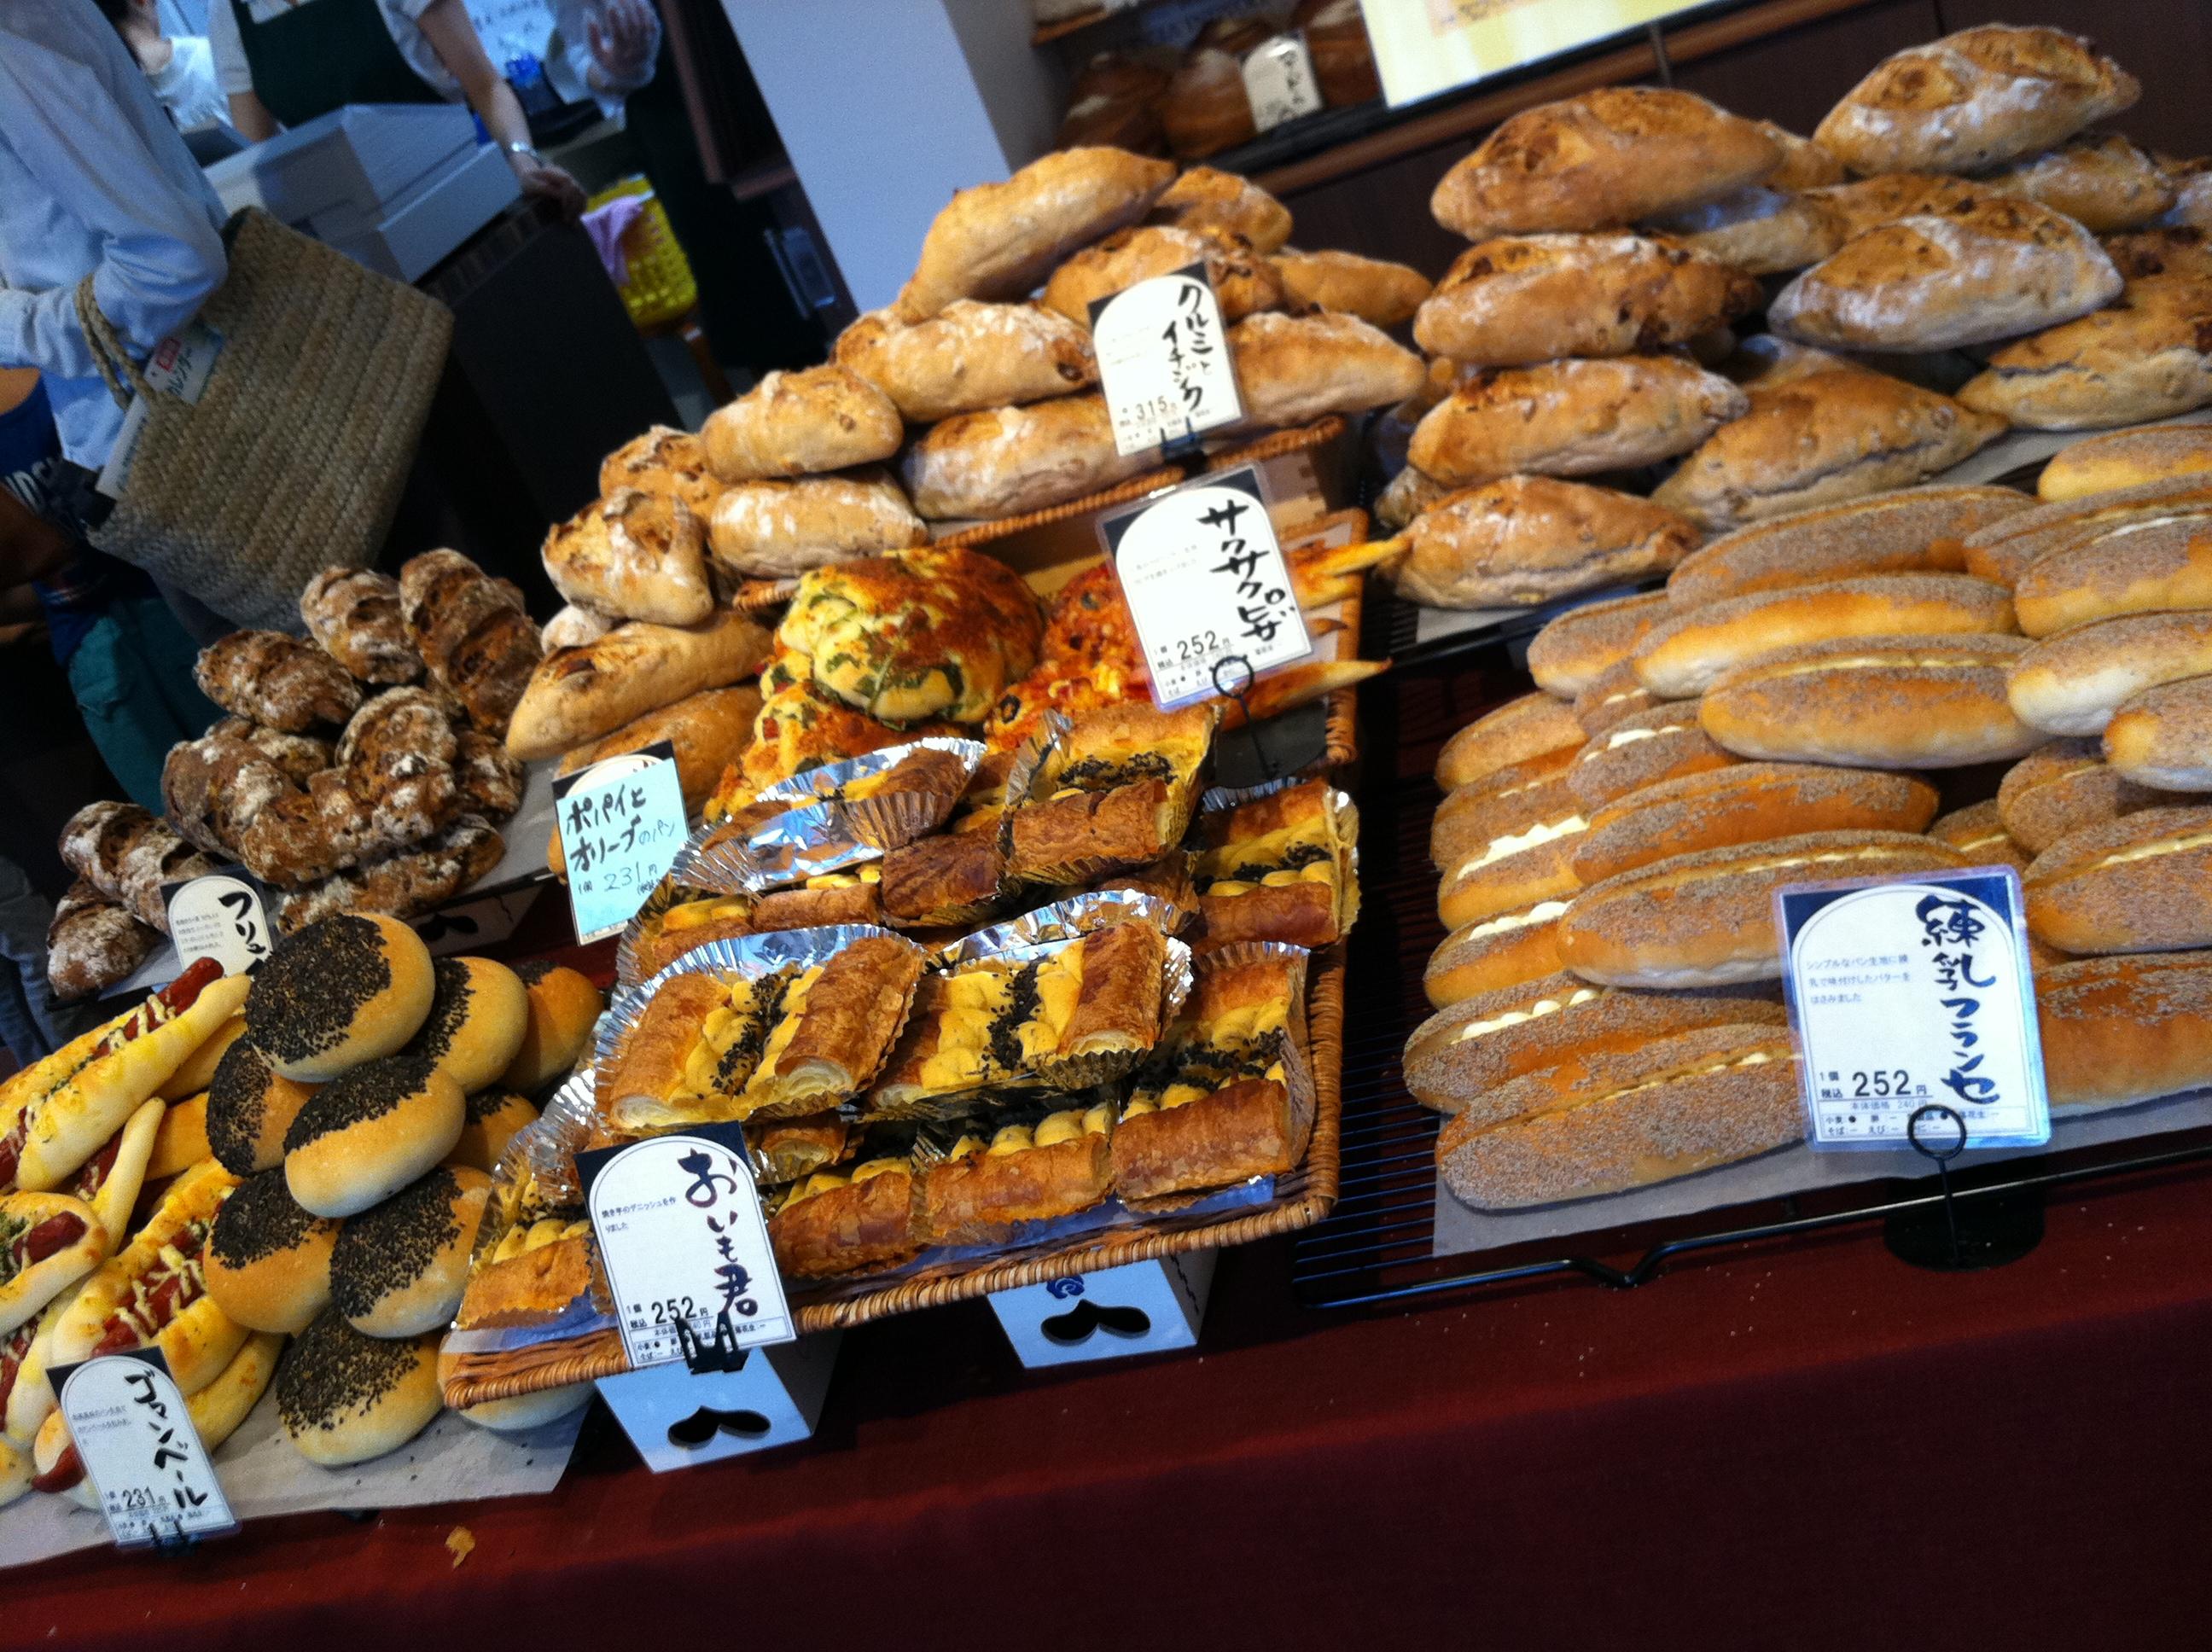 隠れた名店がずらり!!阿佐ヶ谷でおすすめのパン屋さん5選のサムネイル画像